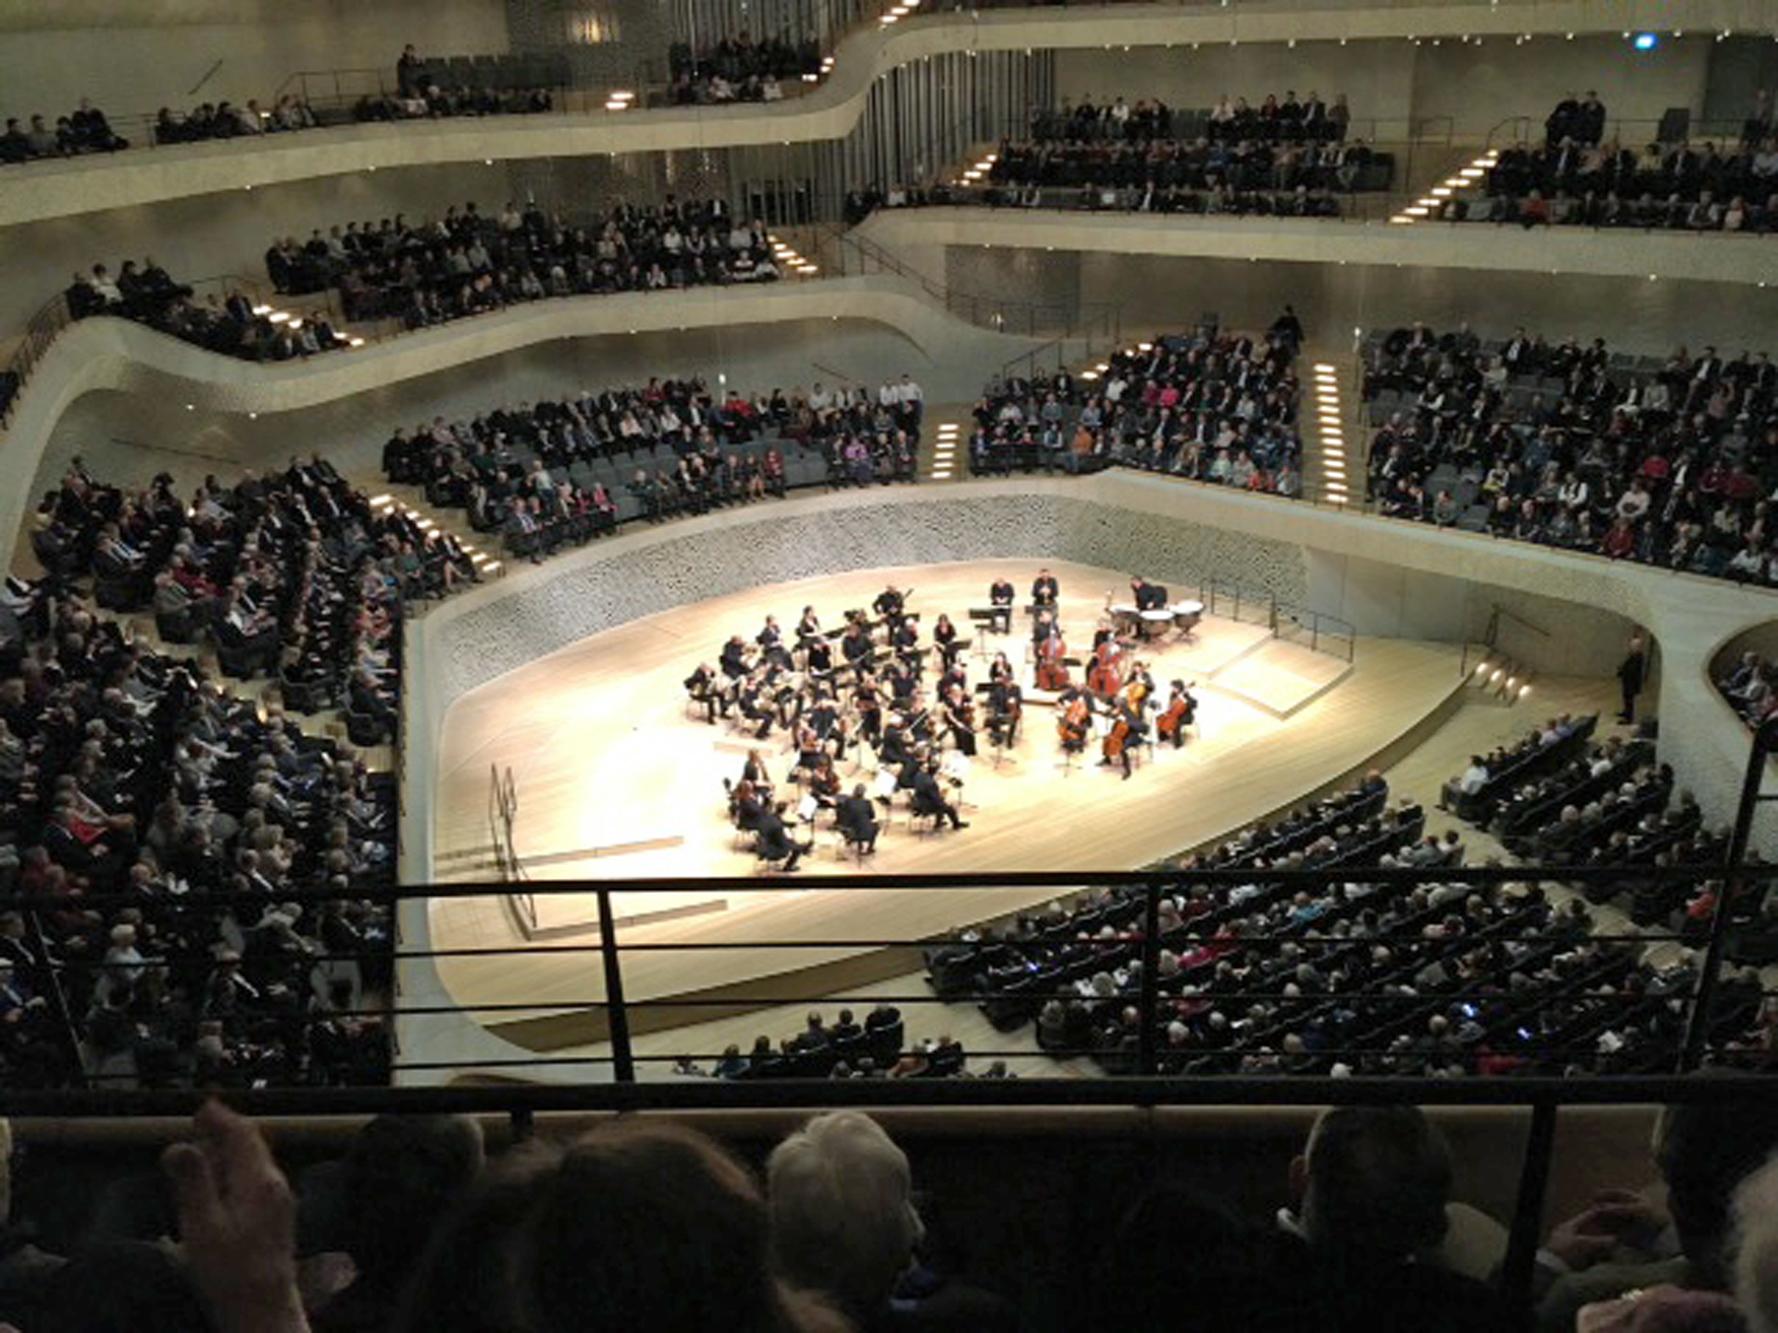 Das Konzert der Academy of St. Martin in the Fields unter Leitung von Joshua Bell (Violine) war nicht zuletzt dank der großartigen Saalakustik ein unvergessliches Klangerlebnis.